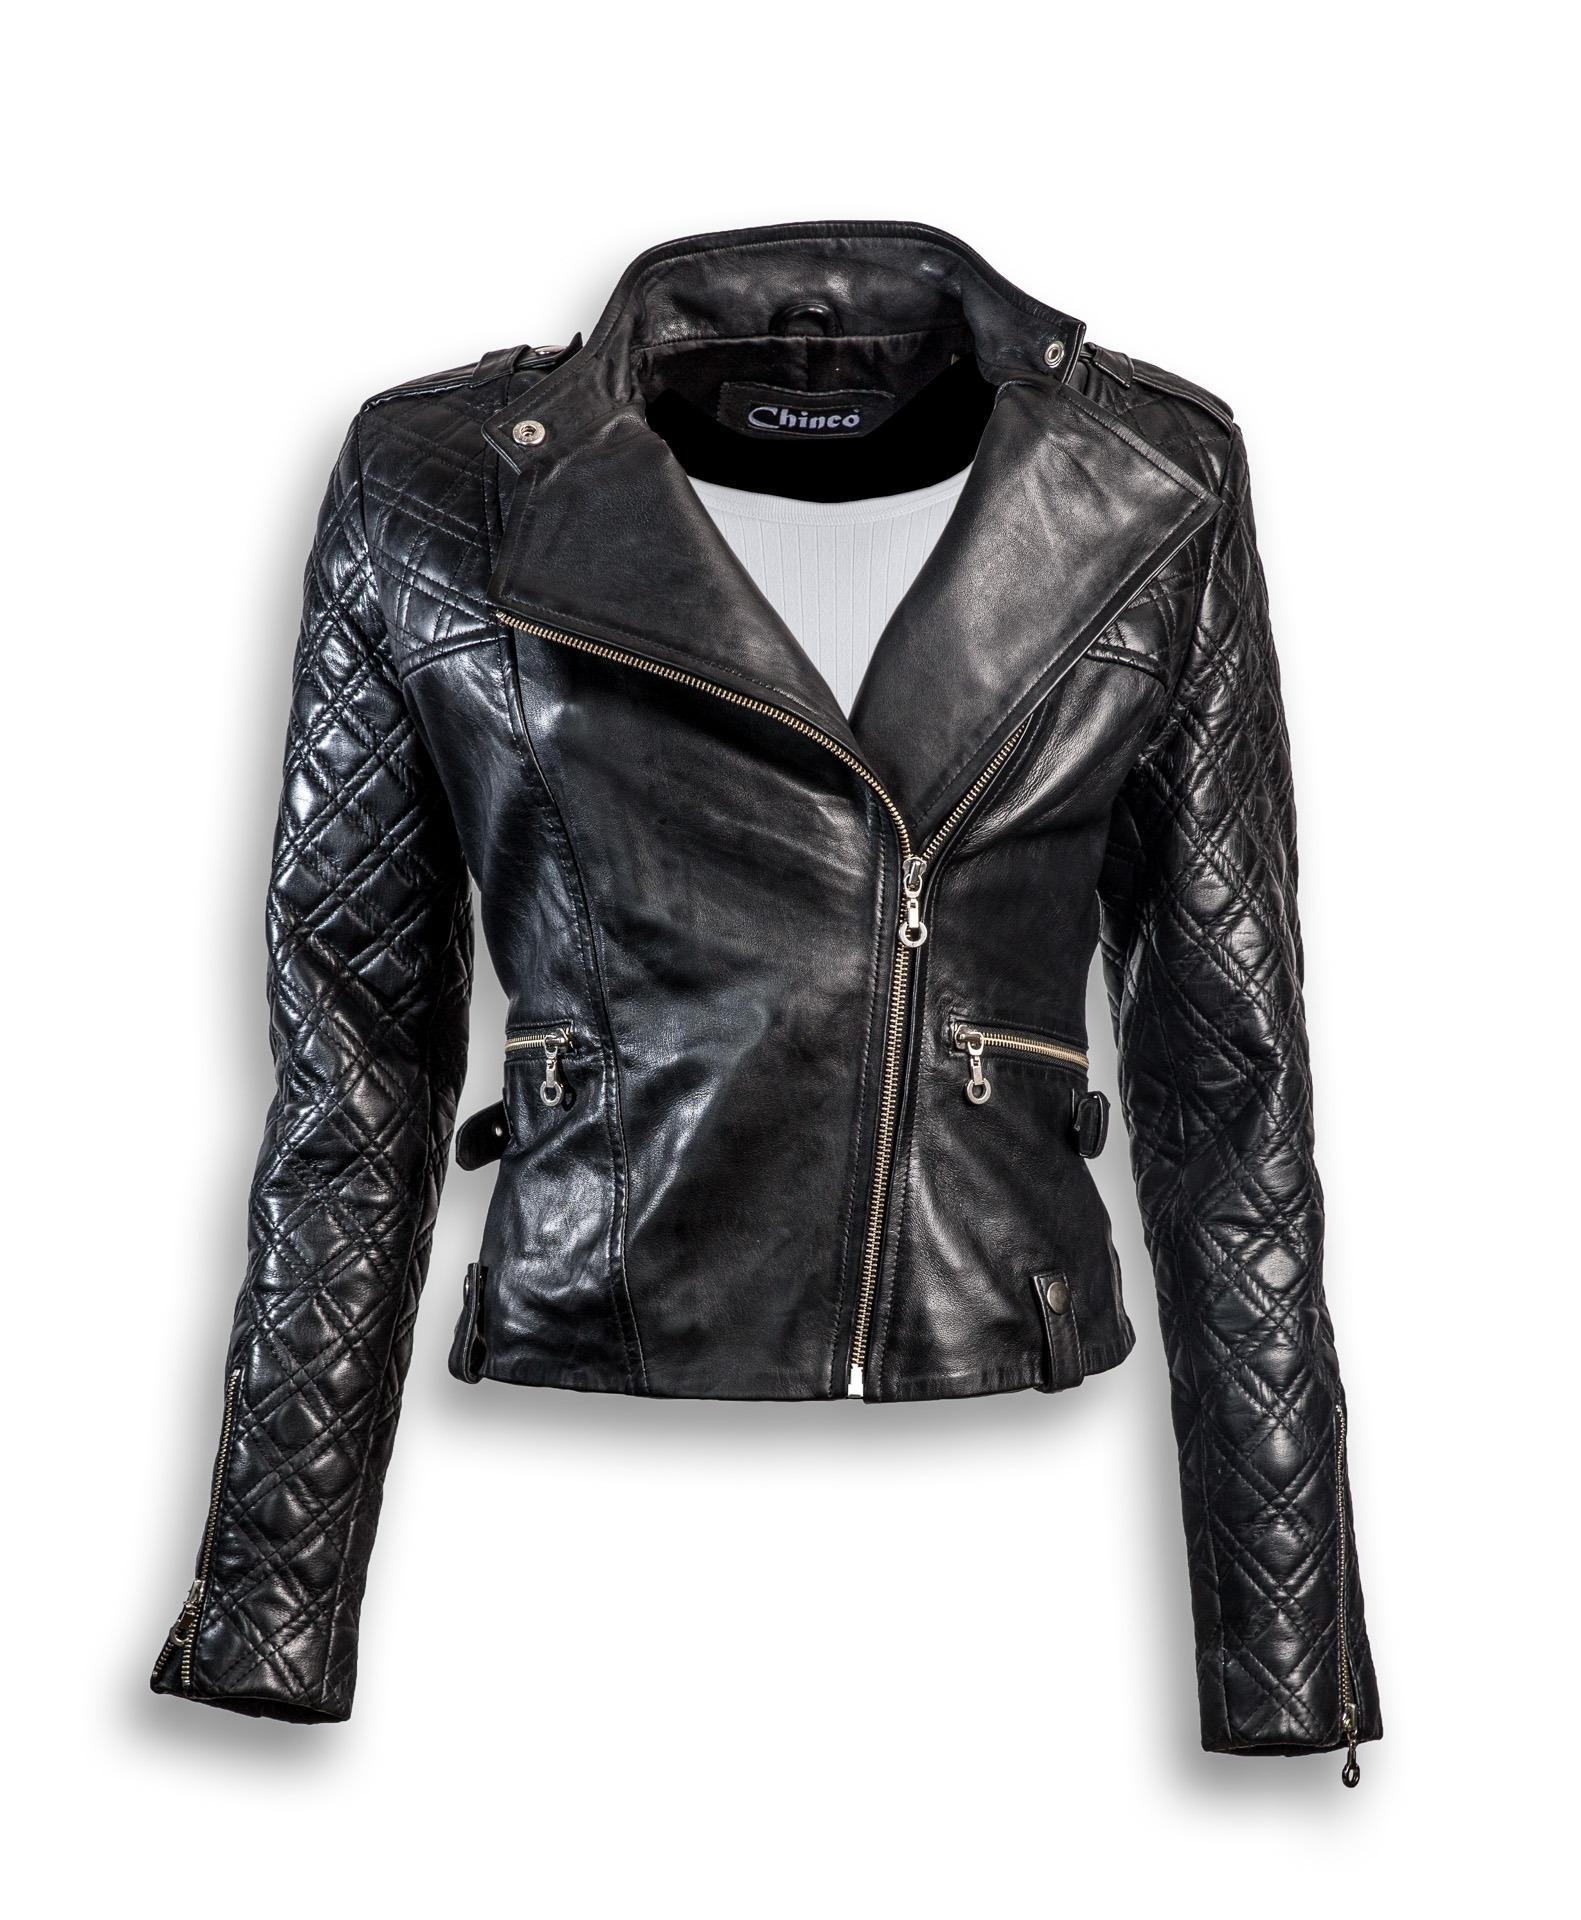 leren & imitatieleren jassen Leren jassen van ONLY voor jonge vrouwen – ontdek onze grote selectie van leren jassen, leatherlook jassen en bikerjacks. Geef je .